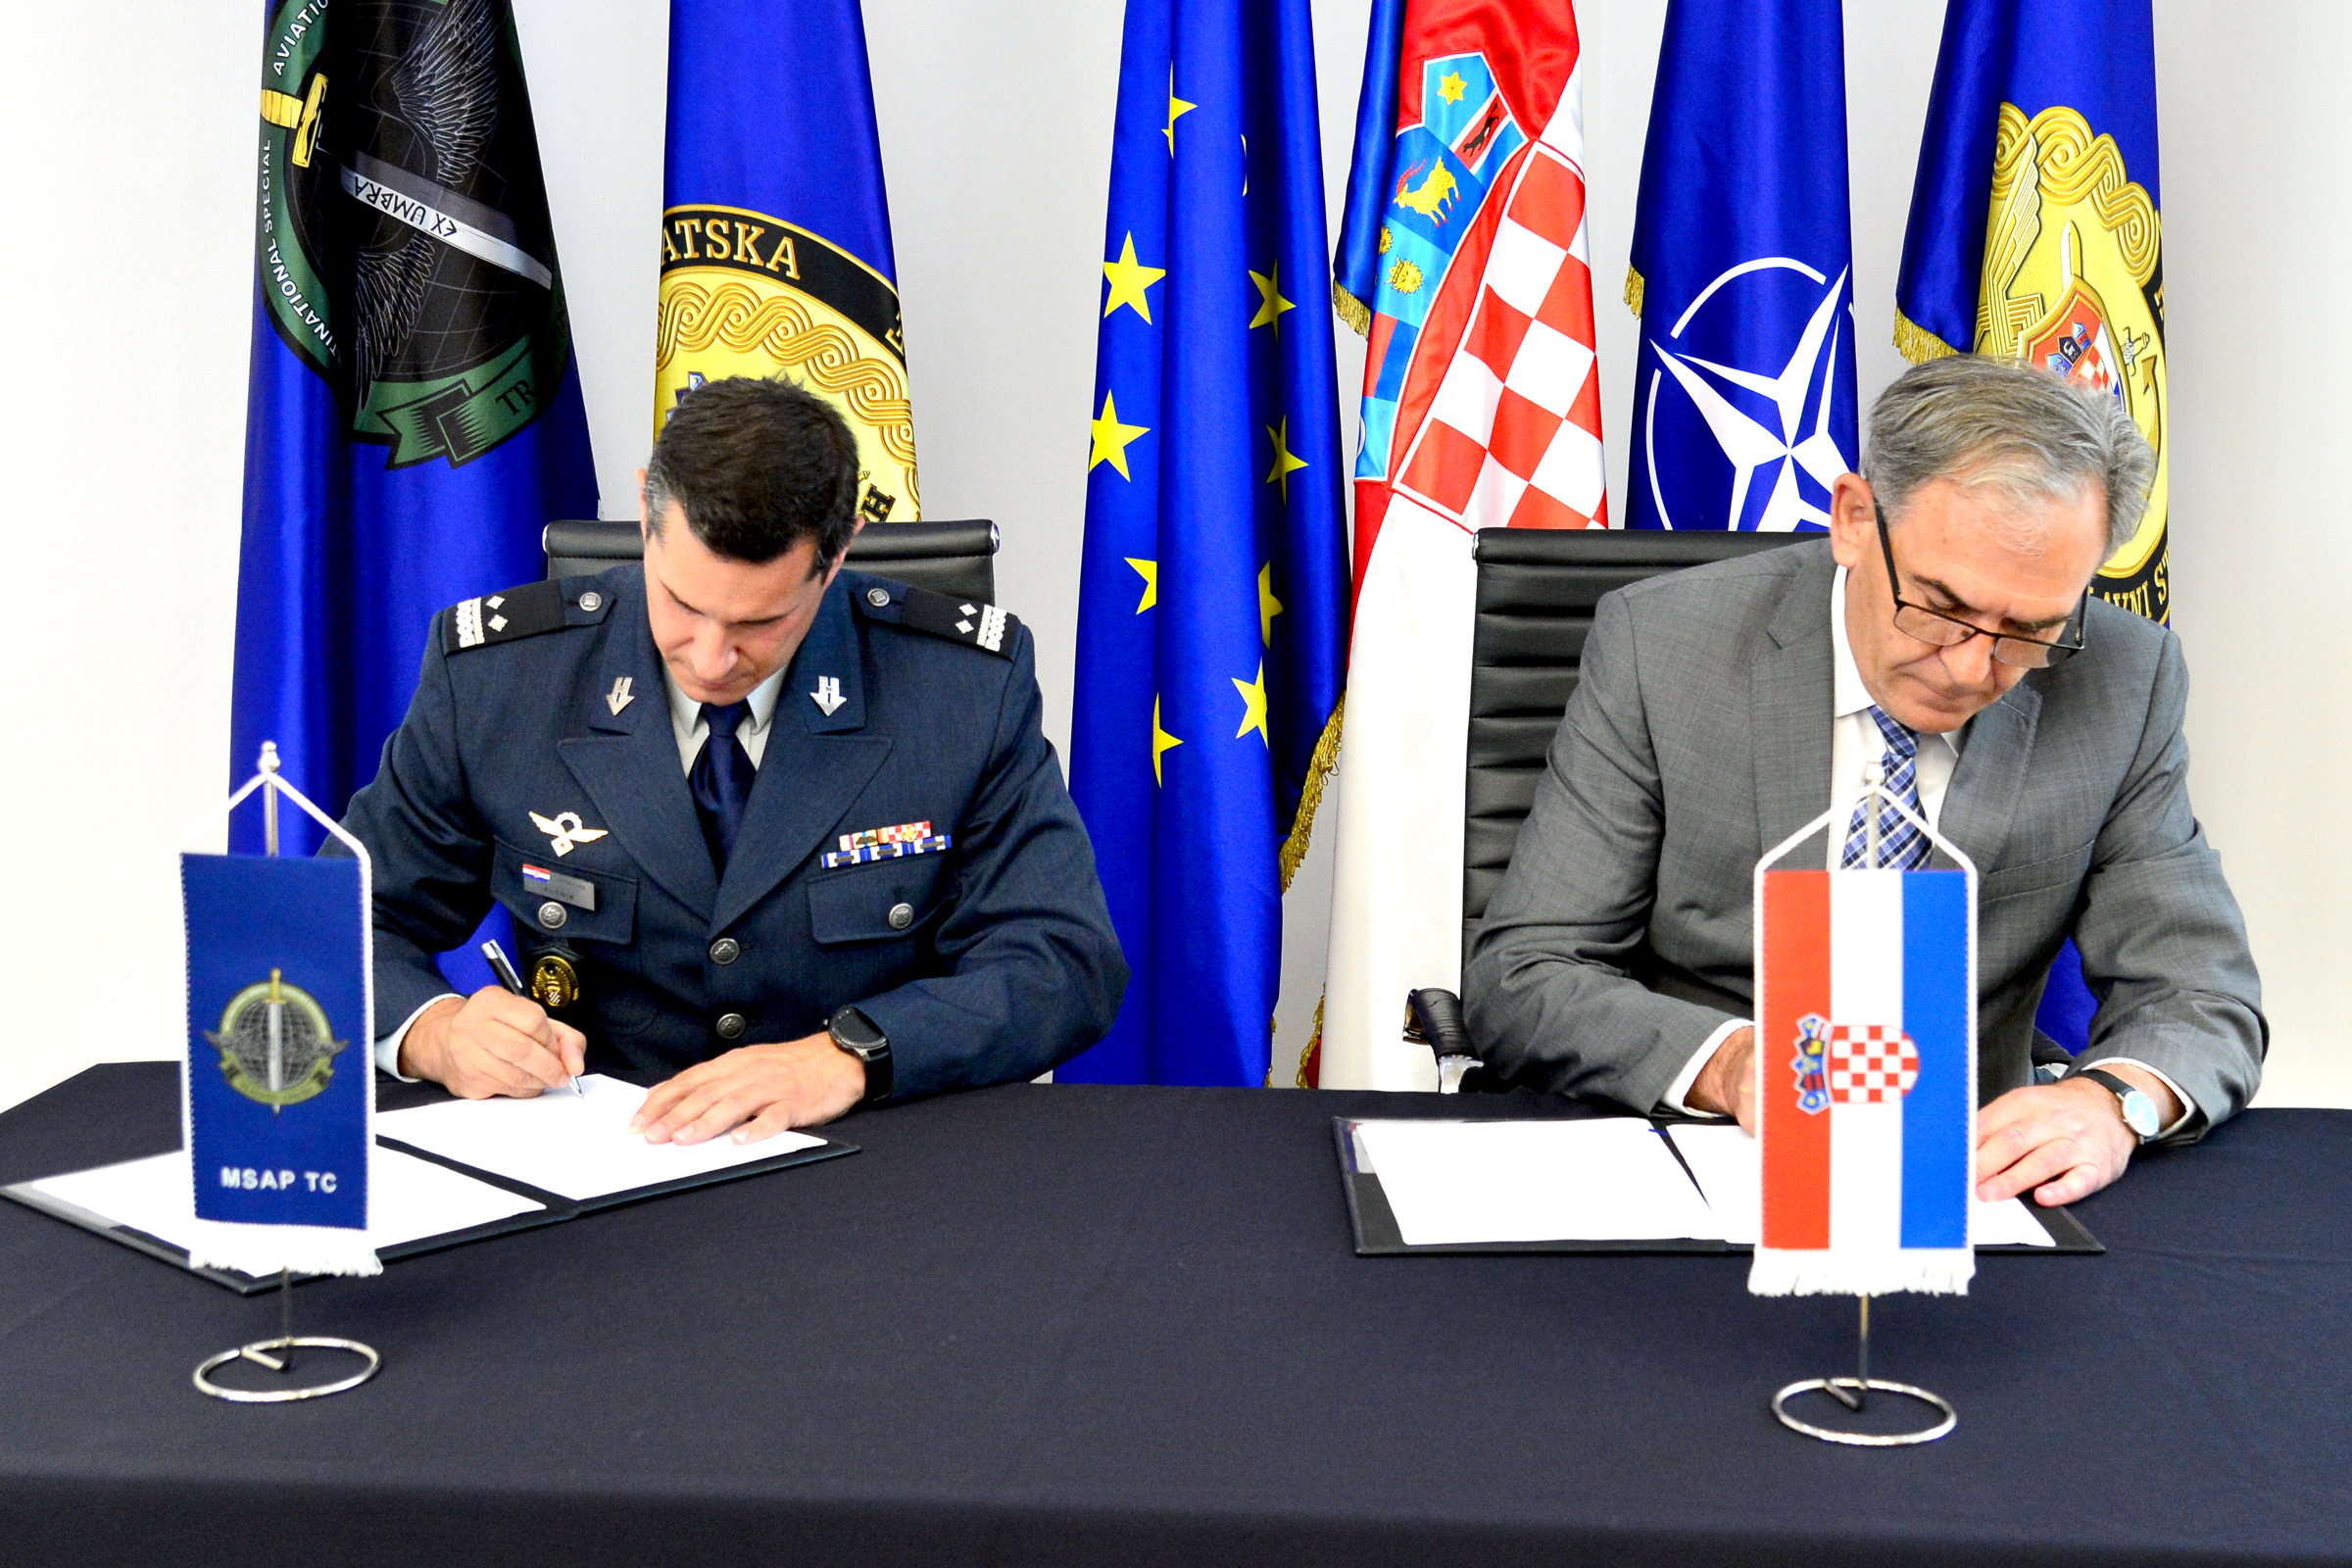 Potpisan Tehnički sporazum između MORH-a i MSAP TC-a